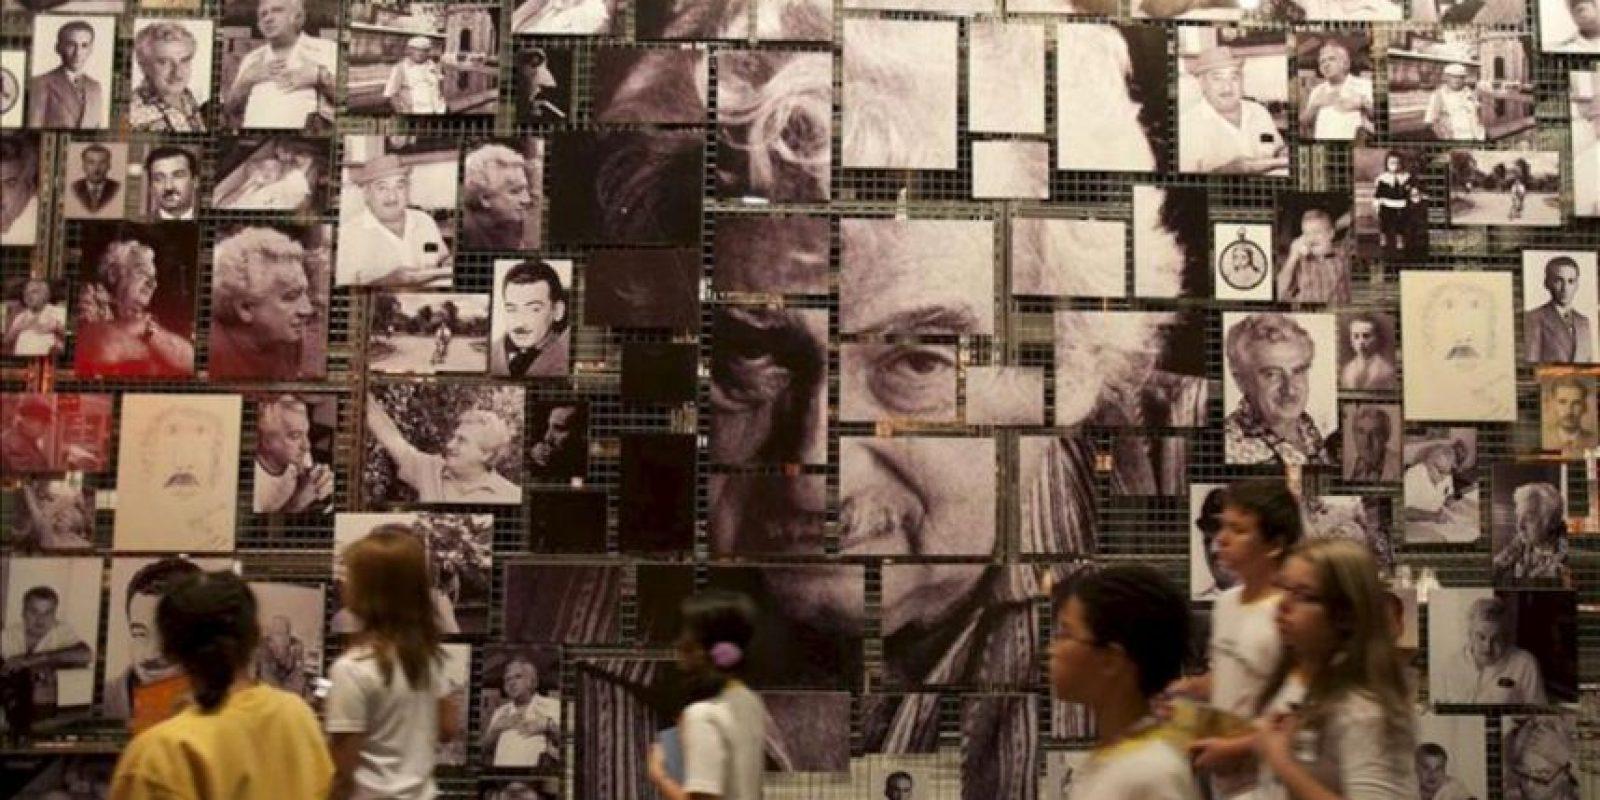 """Un grupo de estudiantes visita la exposición """"Jorge Amado y universal: Una mirada inusitada sobre el hombre y la obra"""", con motivo de la celebración del centenario del nacimiento del célebre escritor brasileño en el Museo de la Lengua Portuguesa de Sao Paulo (Brasil). EFE"""